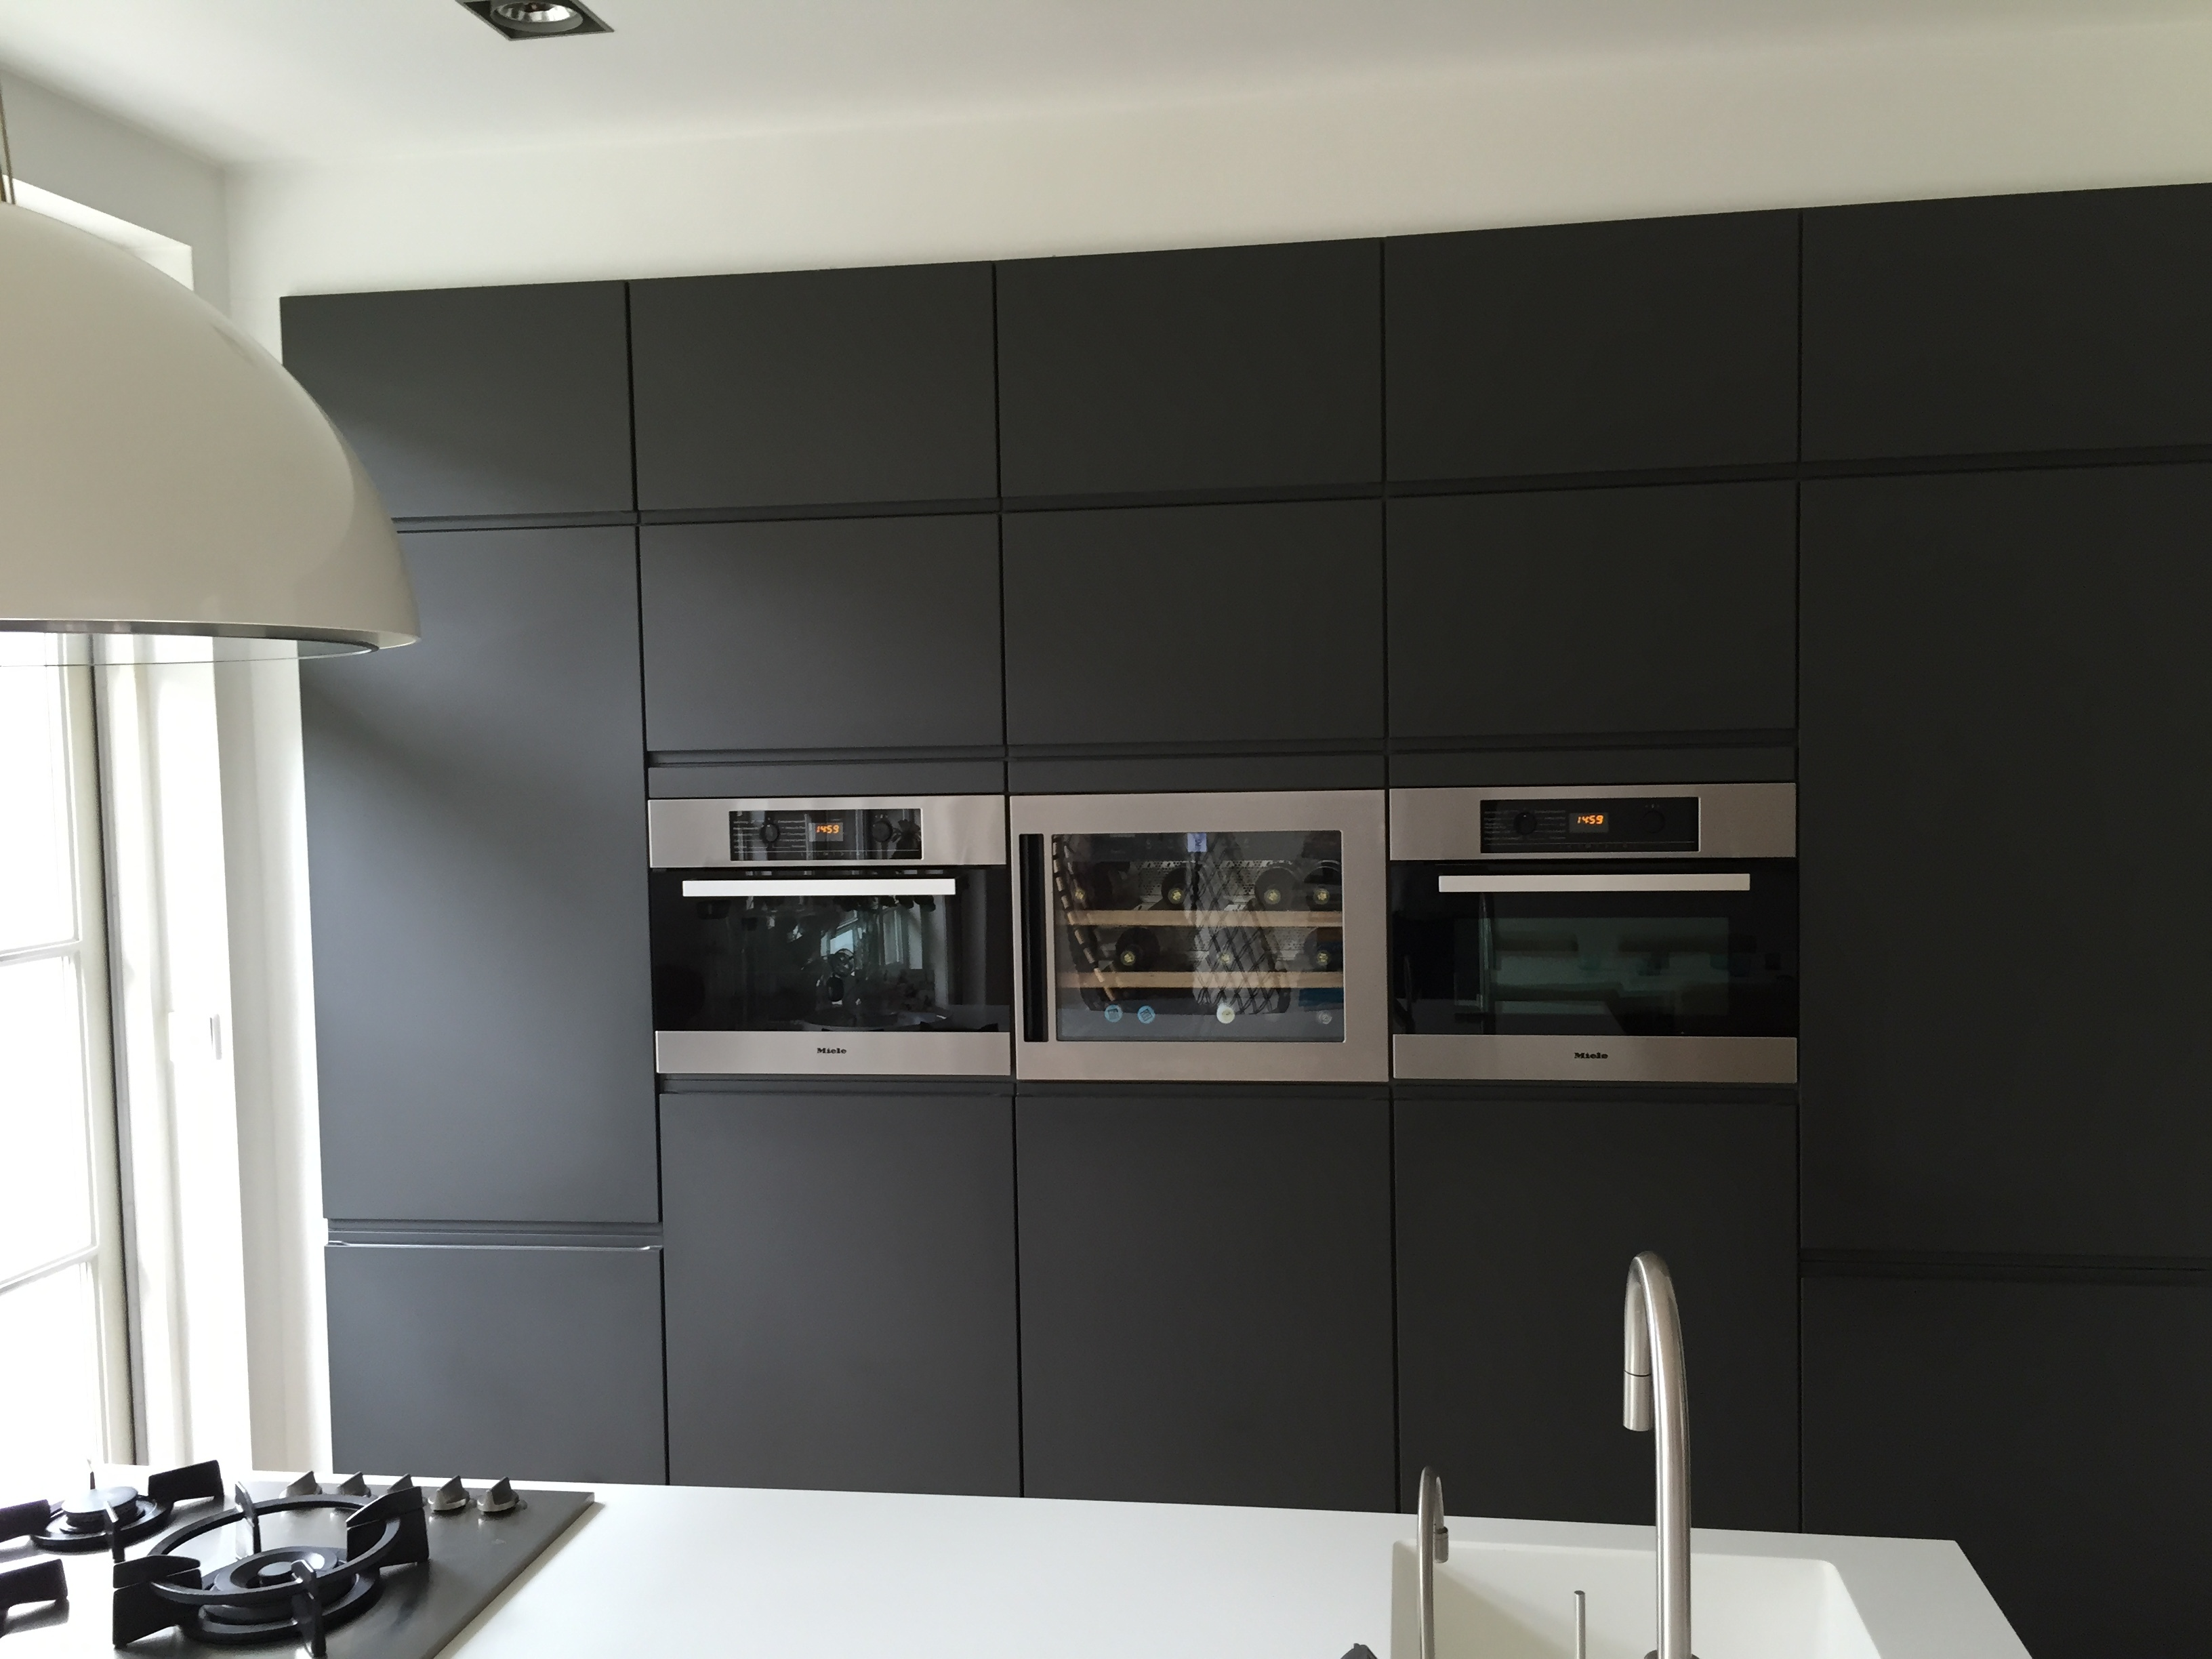 Muur Keuken Kleine : Wijn koelkast in keuken kasten wand tip voordemakers